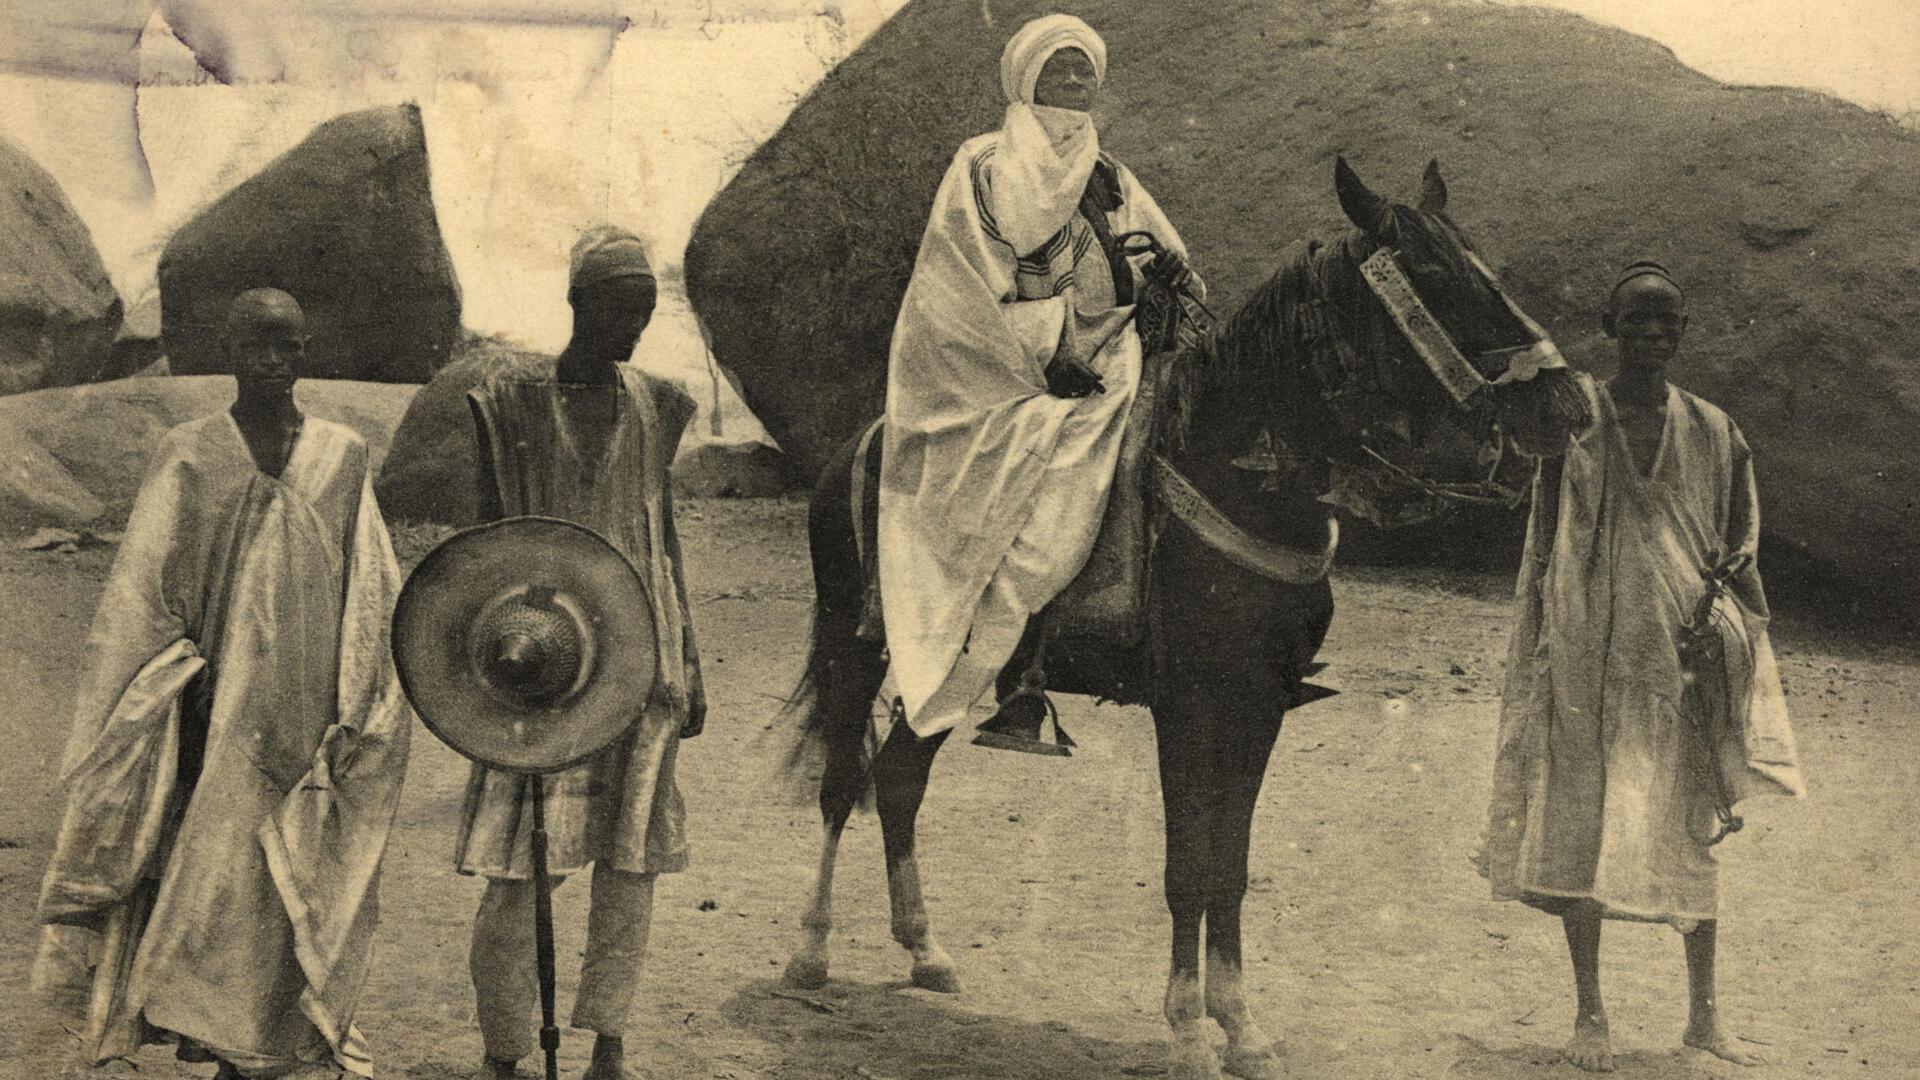 Niger - Le Bellama se mettant en scène comme le nouveau souverain - Camille Lefebvre - La marche du monde